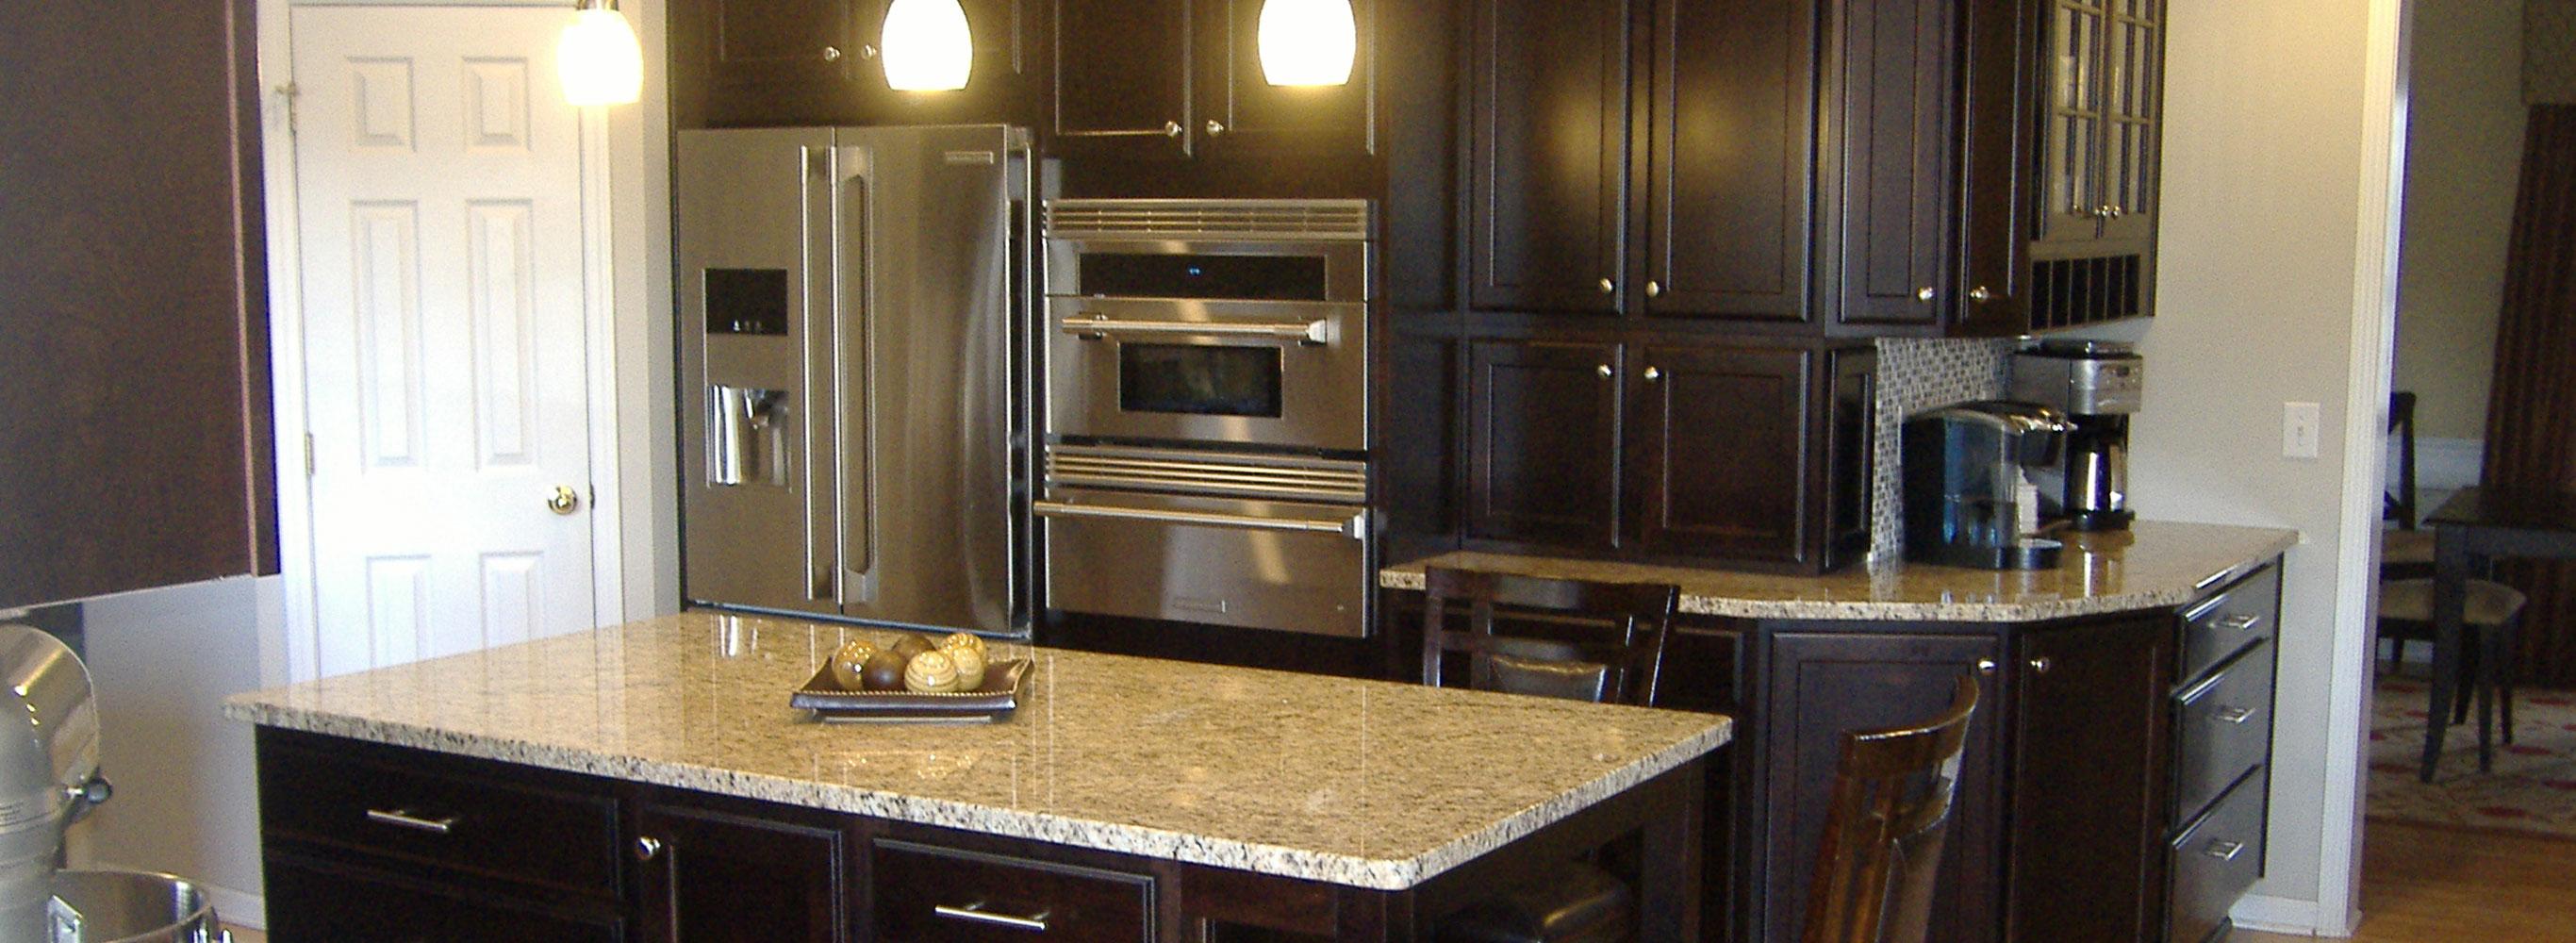 home_Kitchen3.jpg